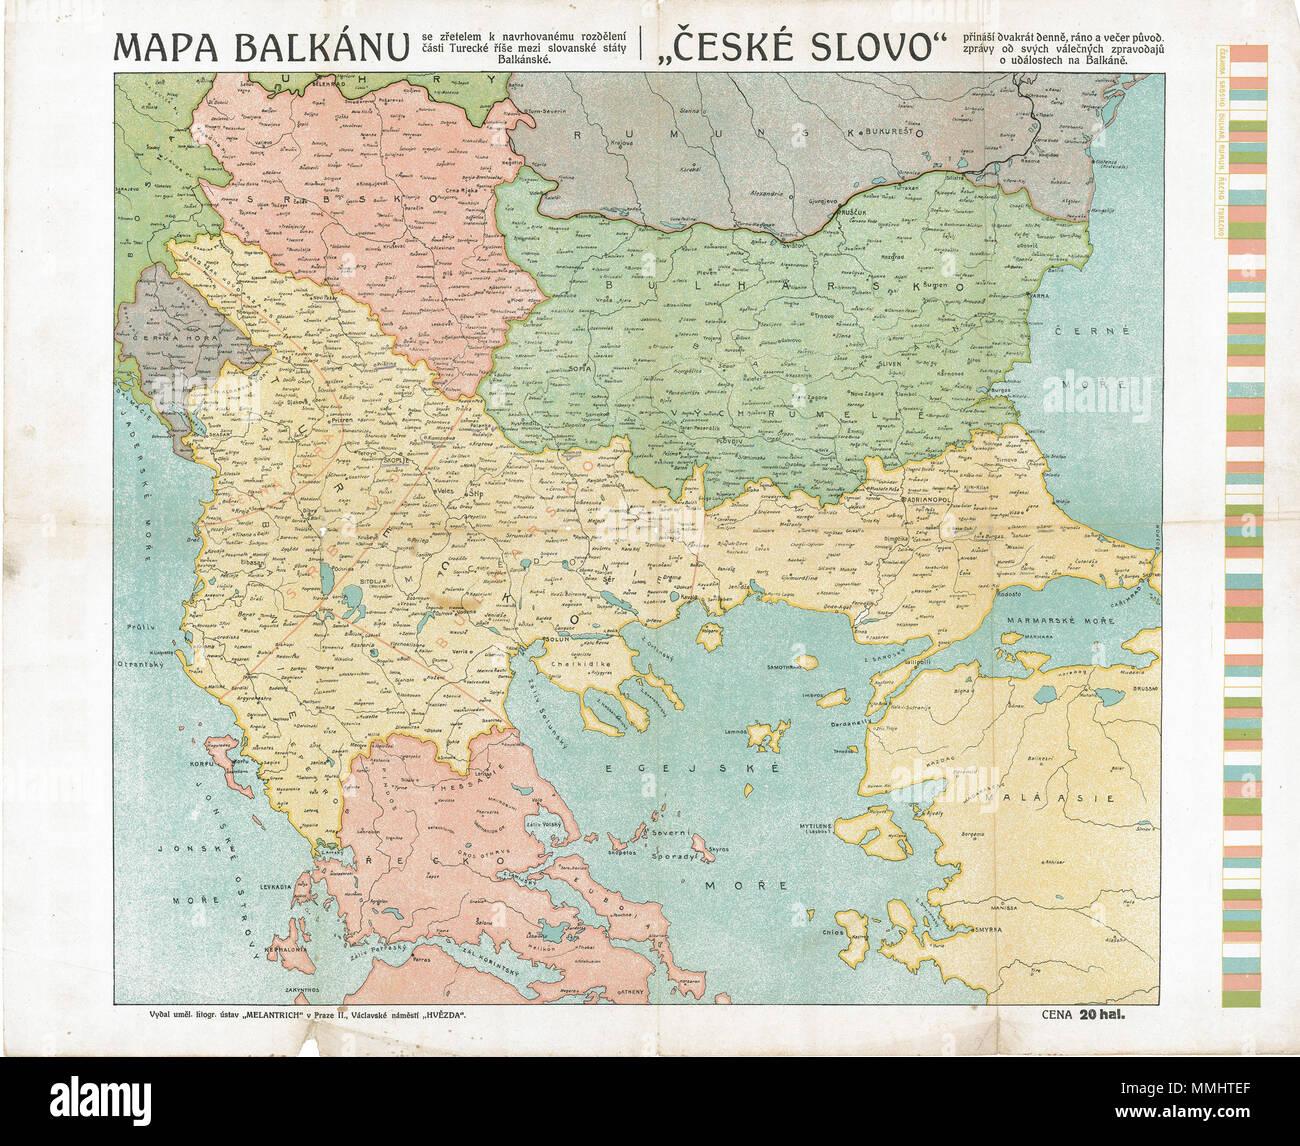 . Ελληνικά: Χάρτης των βαλκανικών επιχειρήσεων κατά την διάρκεια του Α' Βαλκανικού Πολέμου. Ο χάρτης δείχνει τα χαμένα εδάφη της Οθωμανικής Αυτοκρατορίας που προσαρτήθηκαν στο Μαυροβούνιο, την Σερβία και την Βουλγαρία. Οι περιγραφές είναι γραμμένες στην τσεχική γλώσσα.  . 1912/1913. ????????? ?eské slovo 69 Balkans War Theatre - Stock Image